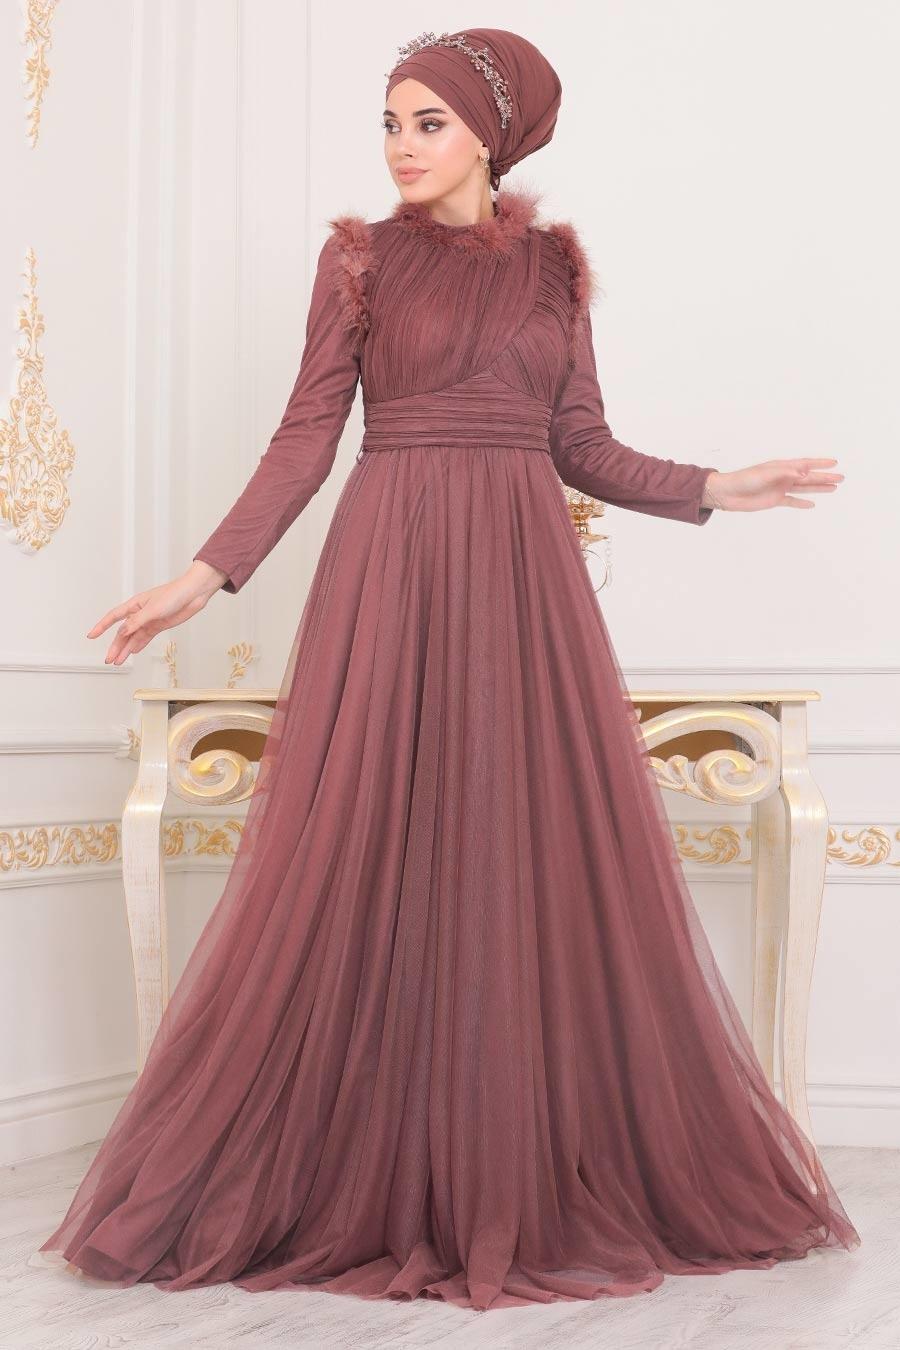 Tesettürlü Abiye Elbise - Püskül Detaylı Gül Kurusu Tesettür Abiye Elbise 39890GK